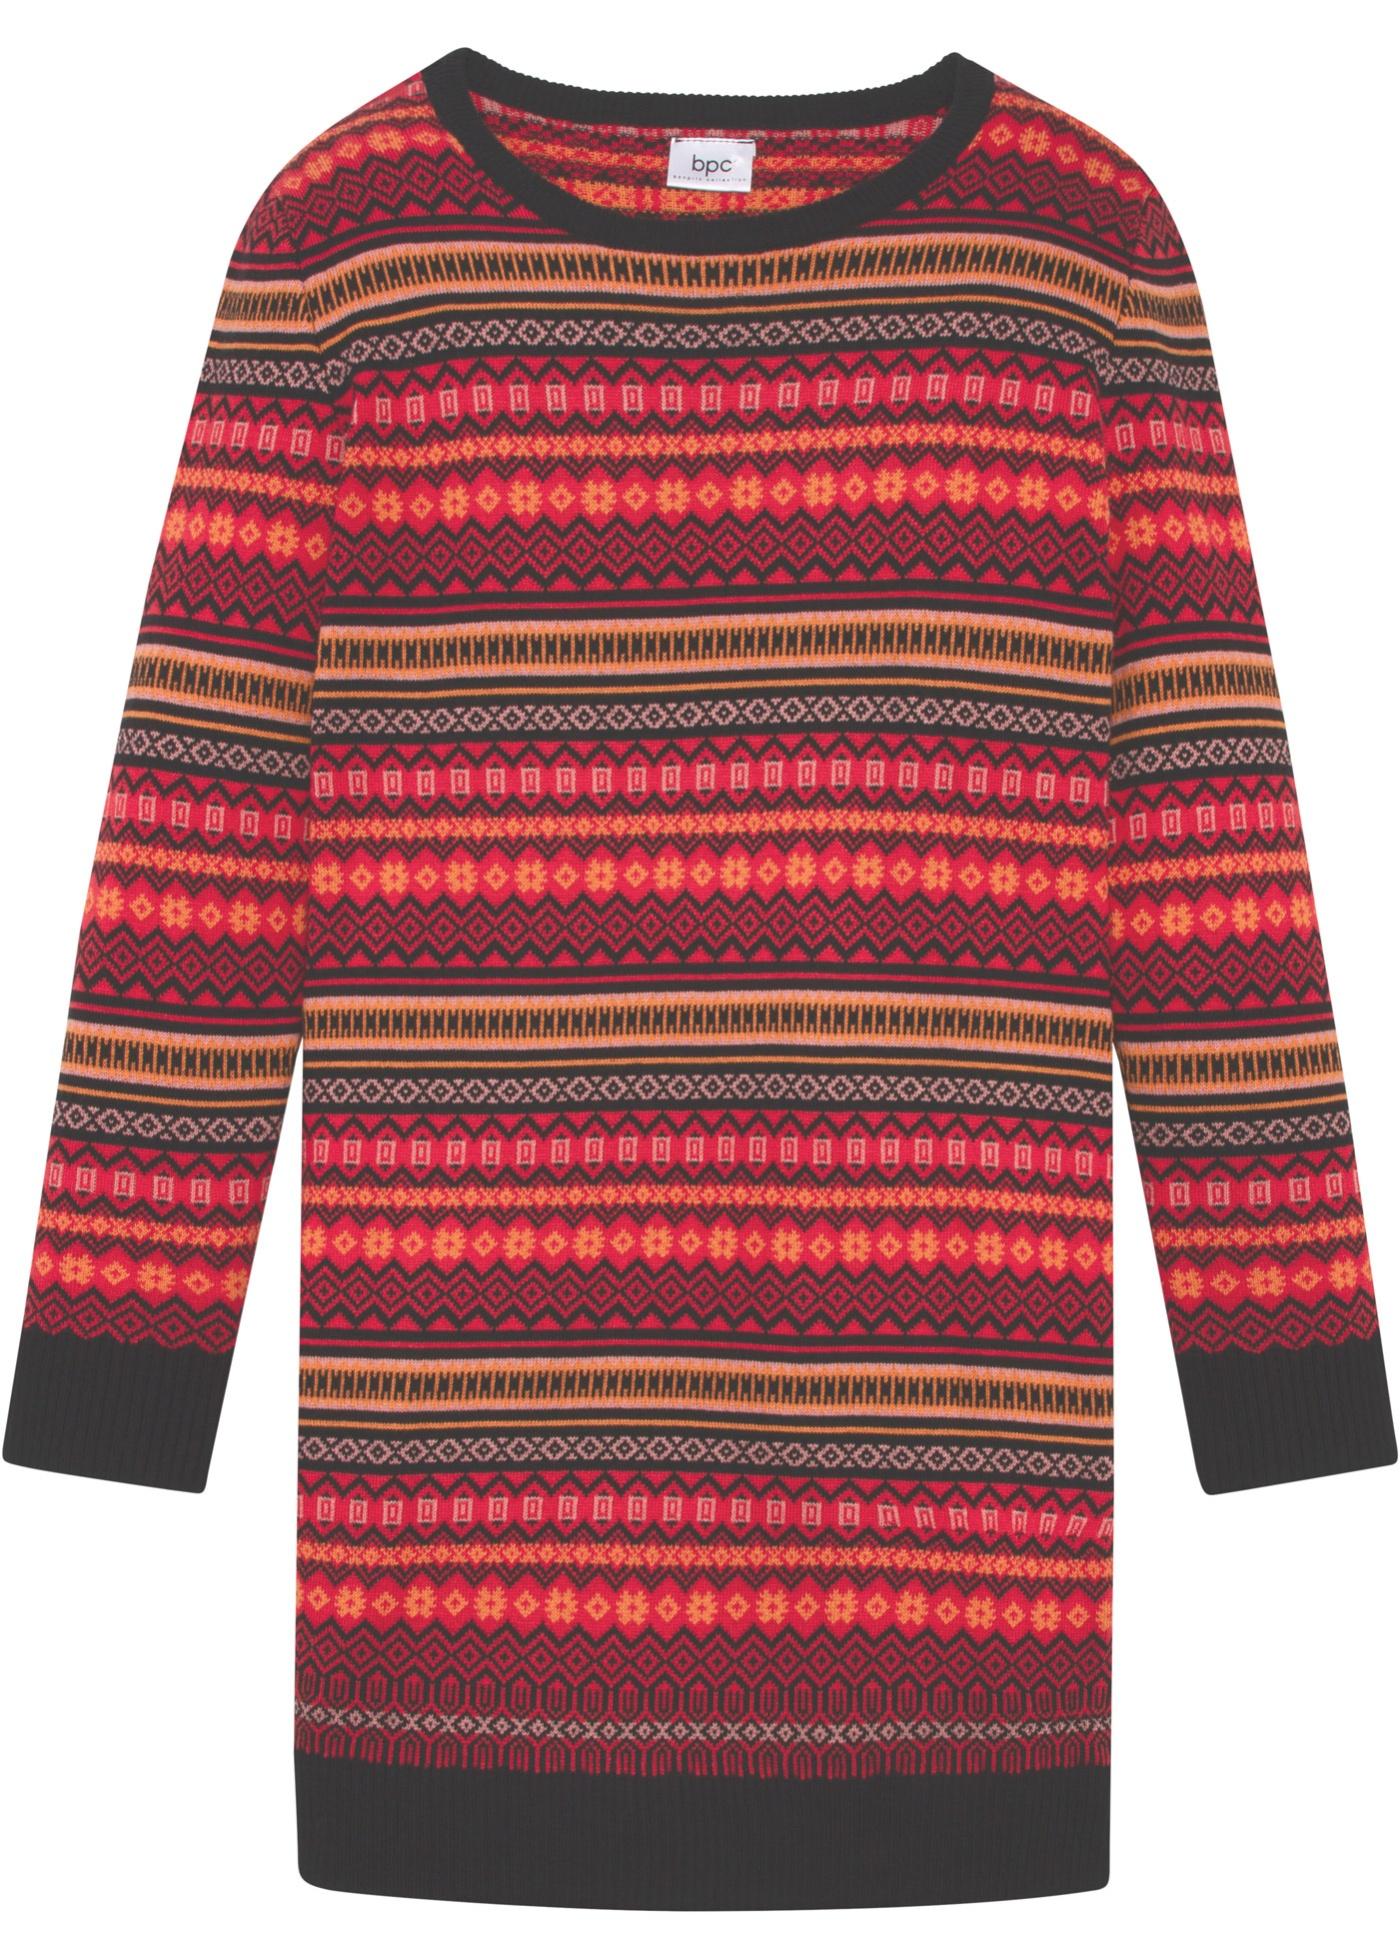 Abito in maglia con motivi norvegesi (Rosso) - bpc bonprix collection